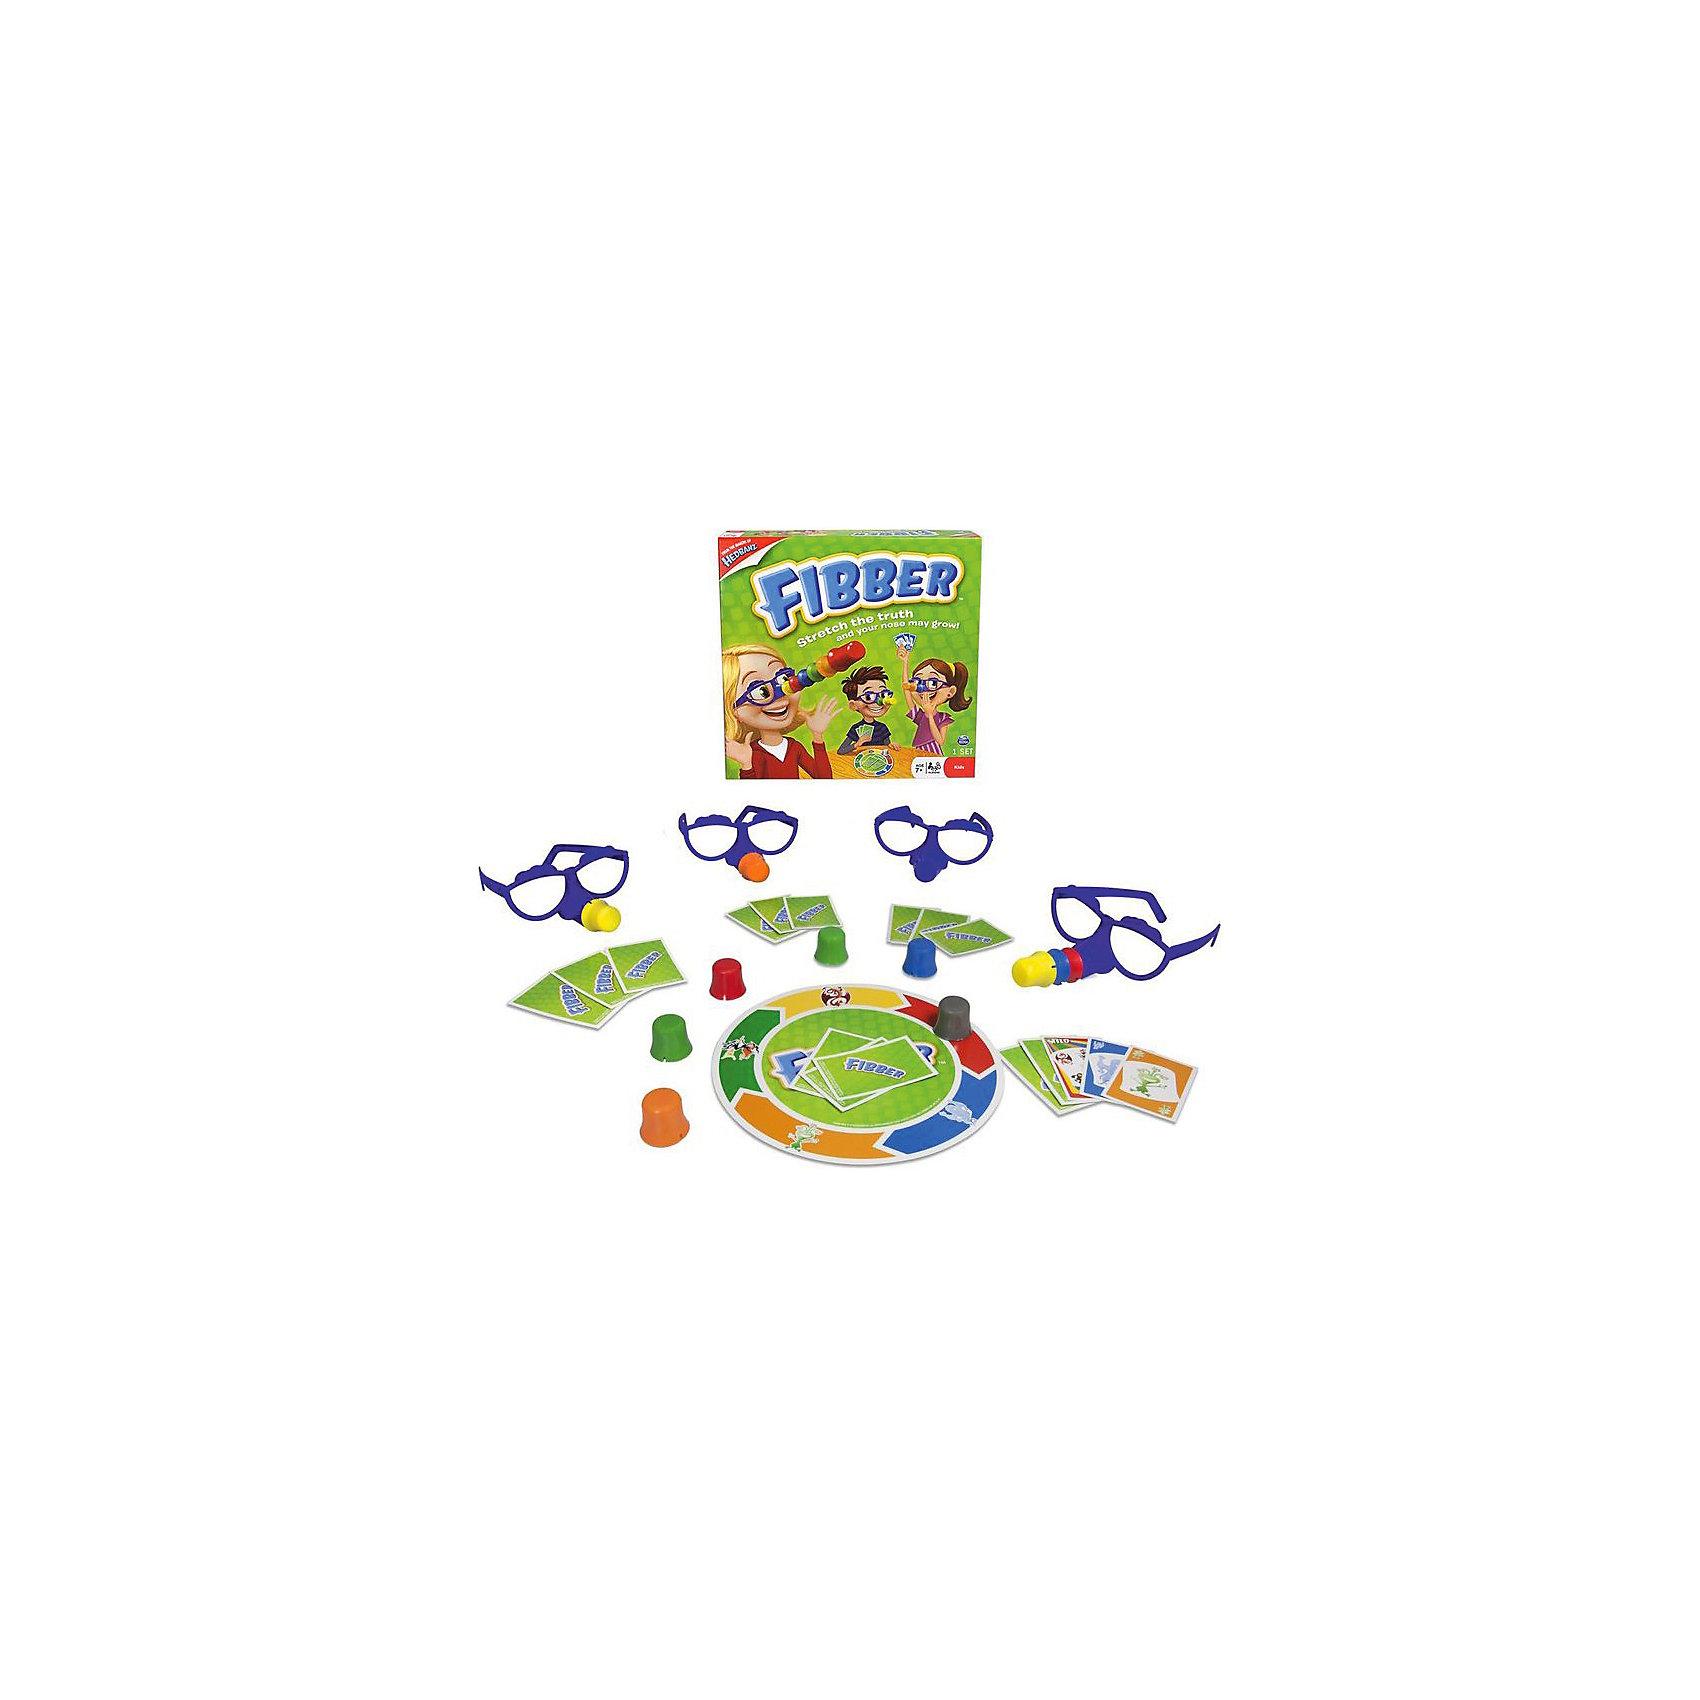 Настольная игра FIBBER, Spin MasterНастольные игры для всей семьи<br>Настольная игра FIBBER (Фиббер) от Spinmaster – веселая карточная игра для детей и взрослых. В переводе с английского Fibber означает «врунишка, обманщик». <br><br>Задача всех игроков «поймать» Фиббера, если он говорит неправду. <br><br>Как играть:<br><br>- на игровом поле нарисован большой круг, а по его окружности расположено пять цветных участков. На каждом участке определенного цвета нарисован персонаж: обезьяна, привидение, дракон, ведьма, монстр<br>- разделите карты поровну между участниками<br>- игроки делают ход по очереди. Необходимо положить в зеленый круг некоторое количество карточек. Они должны быть такого же цвета и с такой же картинкой как на игровом поле, а могут и не быть <br>- если участники верят игроку, положившему карточку, то ход передается дальше. Если же нет, то его карточки переворачиваются на всеобщее обозрение<br>- участник схитрил? Тогда он забирает себе все карты и надевает цветной нос.<br>- участник оказался честным? Игра продолжается<br>- выигрывает тот, у кого оказался самый короткий нос.<br><br>Веселье и отличное настроение гарантировано всем участникам!<br><br>Дополнительная информация:<br><br>- В комплекте: игровое поле, 4 пары очков, 24 карты, 11 смешных носов, правила игры.<br>- Размер(ДхШхВ), см: 26,5 х 5 х 26,5<br>- Вес: 525 г.<br><br>Настольную игру  FIBBER, Spin Master можно купить в нашем интернет-магазине<br><br>Ширина мм: 265<br>Глубина мм: 50<br>Высота мм: 265<br>Вес г: 525<br>Возраст от месяцев: 84<br>Возраст до месяцев: 192<br>Пол: Унисекс<br>Возраст: Детский<br>SKU: 3375356